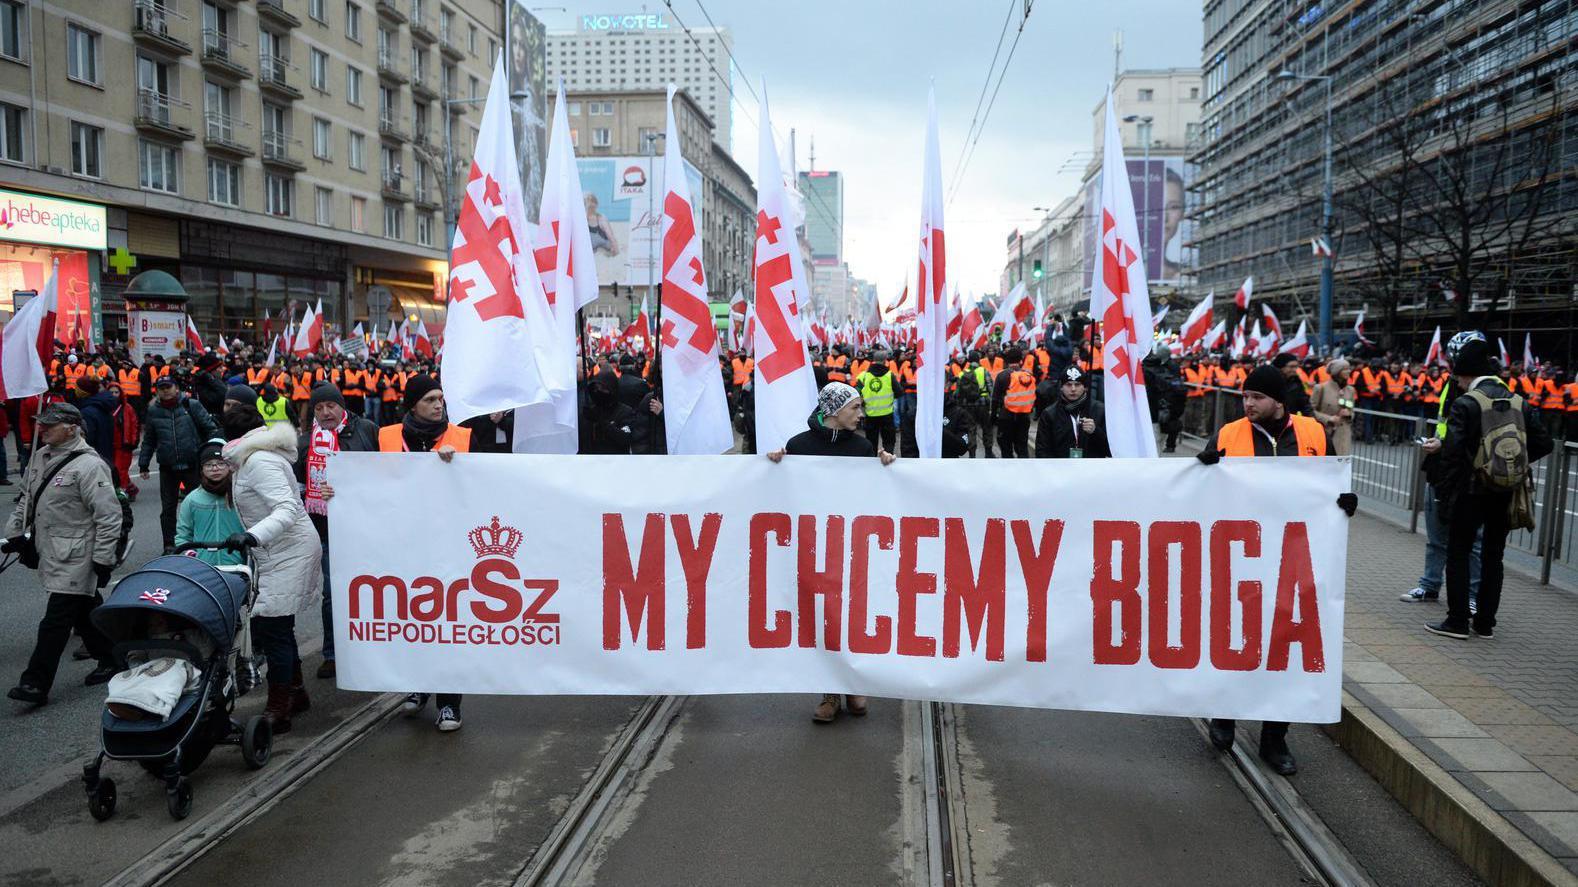 Onafhankelijkheidsdag Polen ontsierd door extremisten en neonazi's